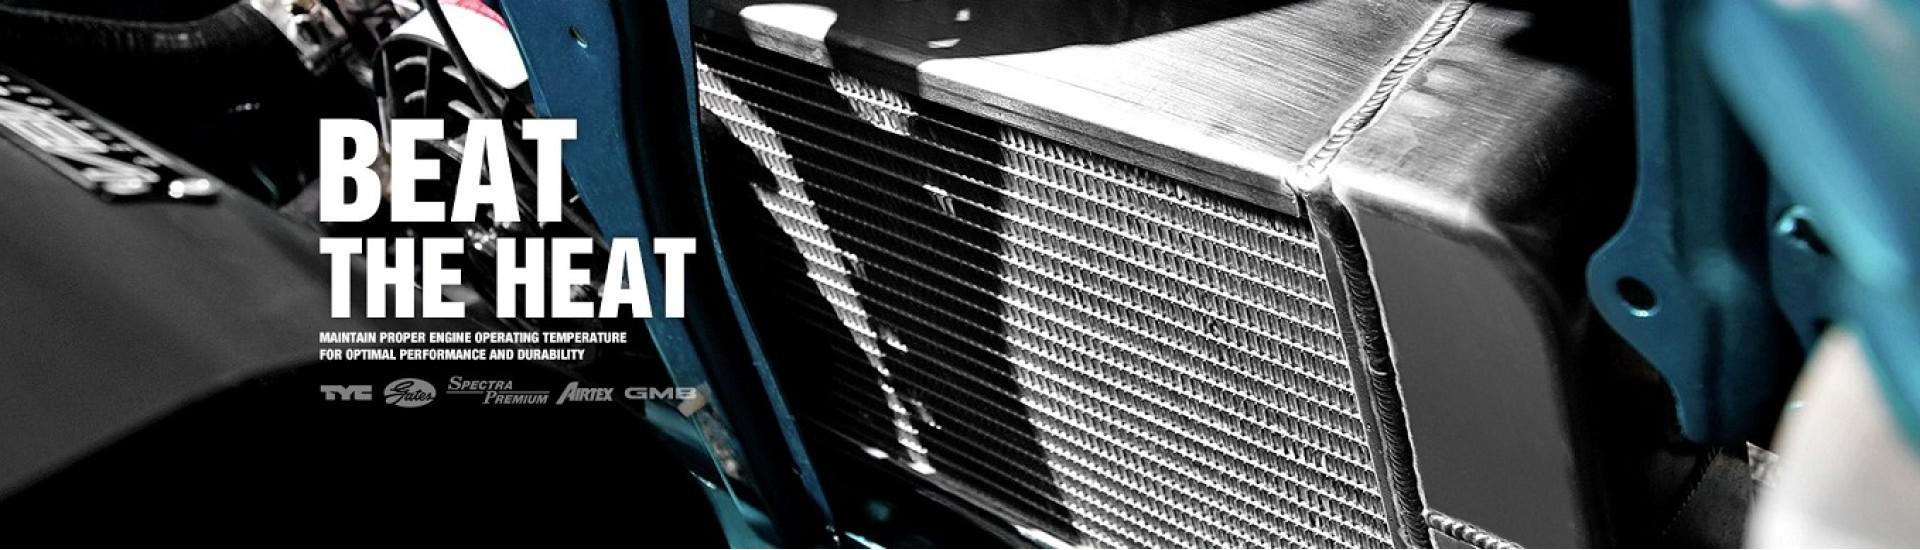 خنک کننده موتور ، قیمت خنک کننده موتور، engine cooling parts